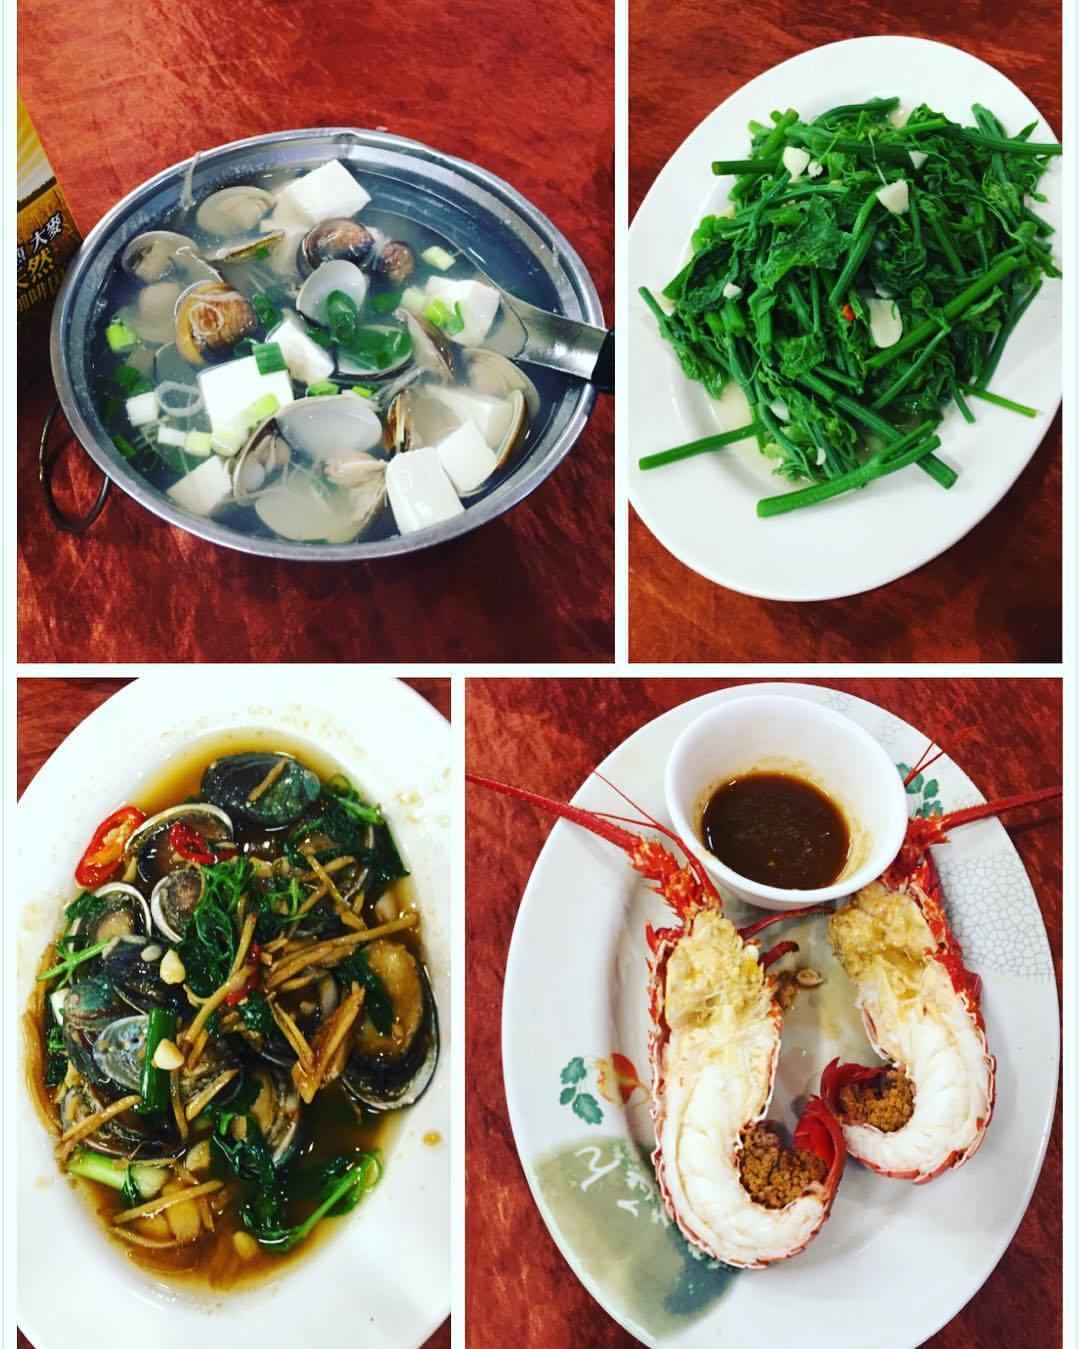 到了花蓮海邊一定要吃海鮮料理,台11線上有「055龍蝦海鮮」主打新鮮活龍蝦,不但...